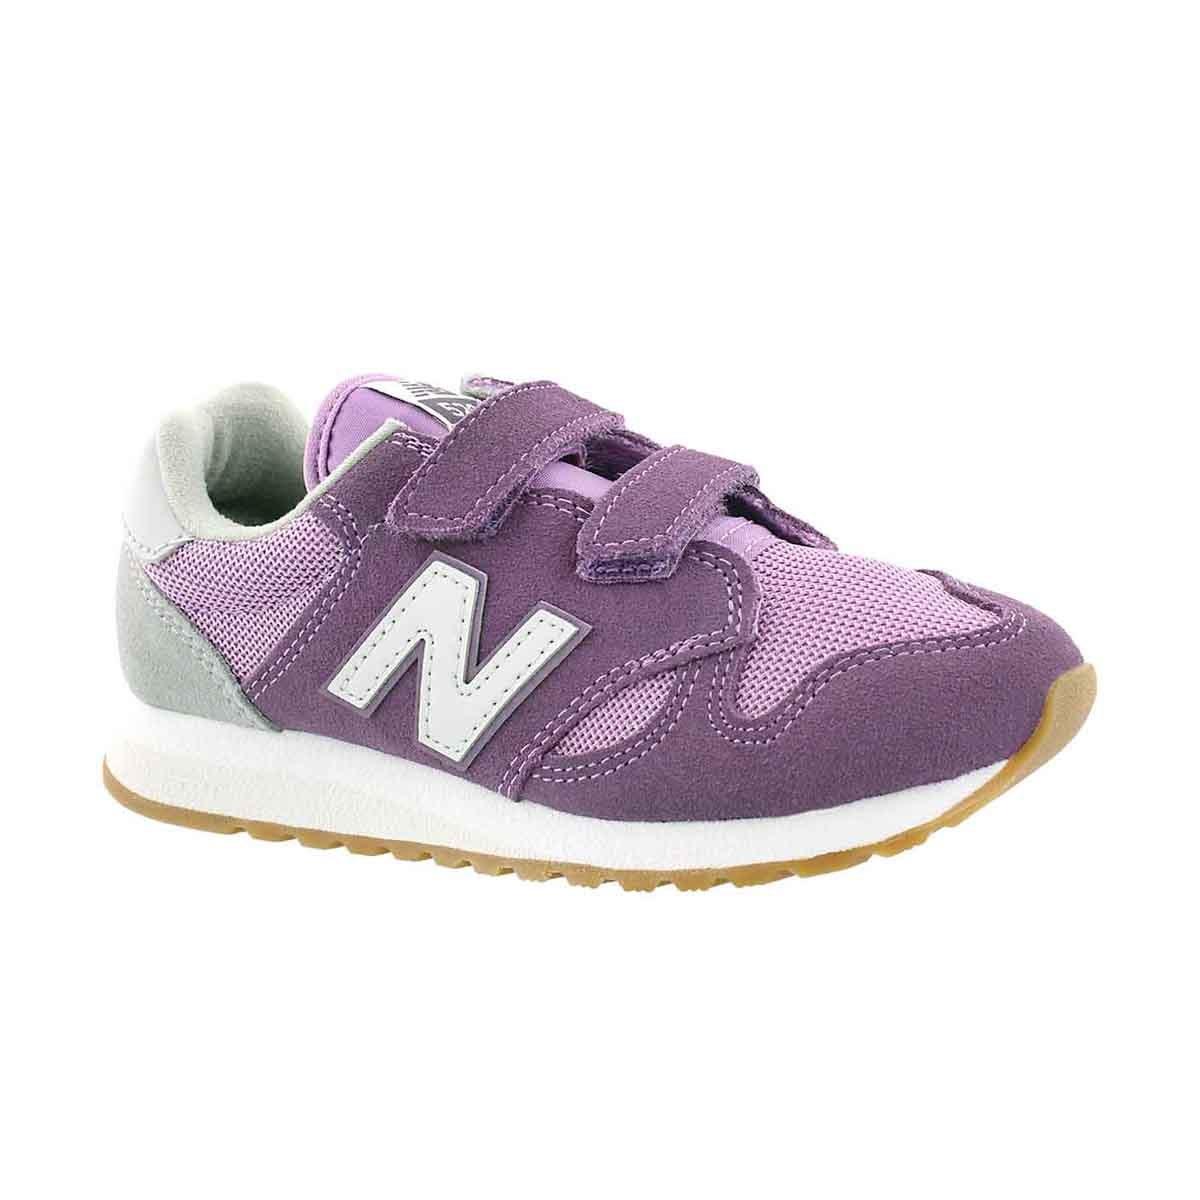 Girls' 520 purple/whtie sneakers